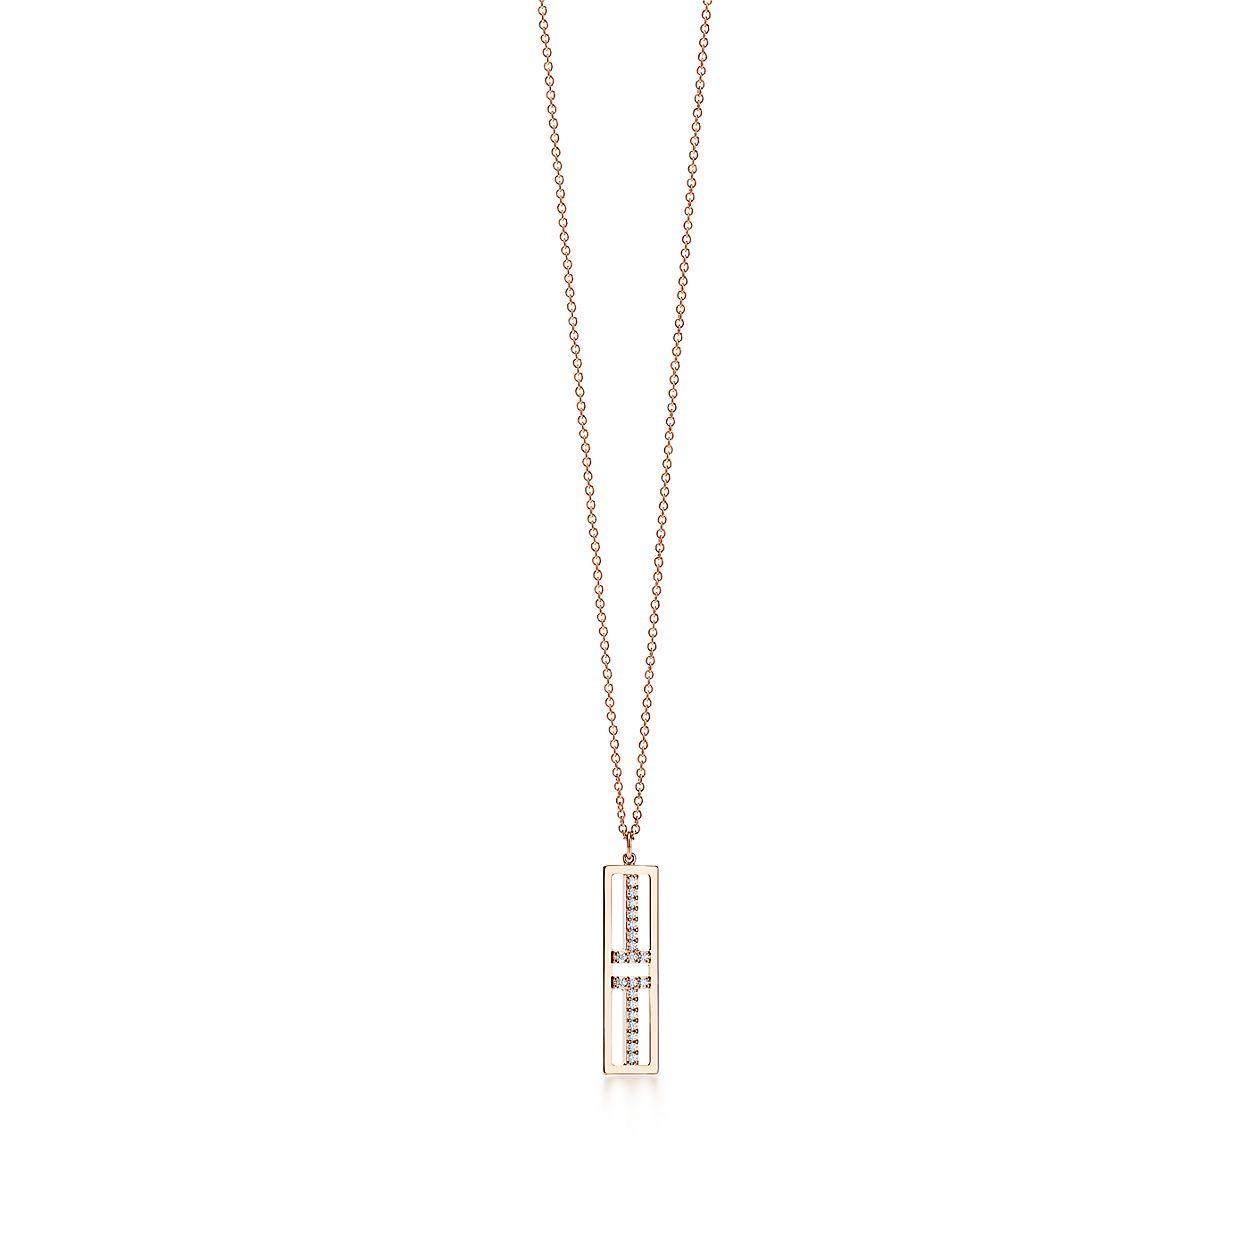 Tiffany T Deux Barres Verticales Ouvert Pendentif En Or Blanc 18 Carats Avec Diamants Tiffany & Co. ULbhgRJn